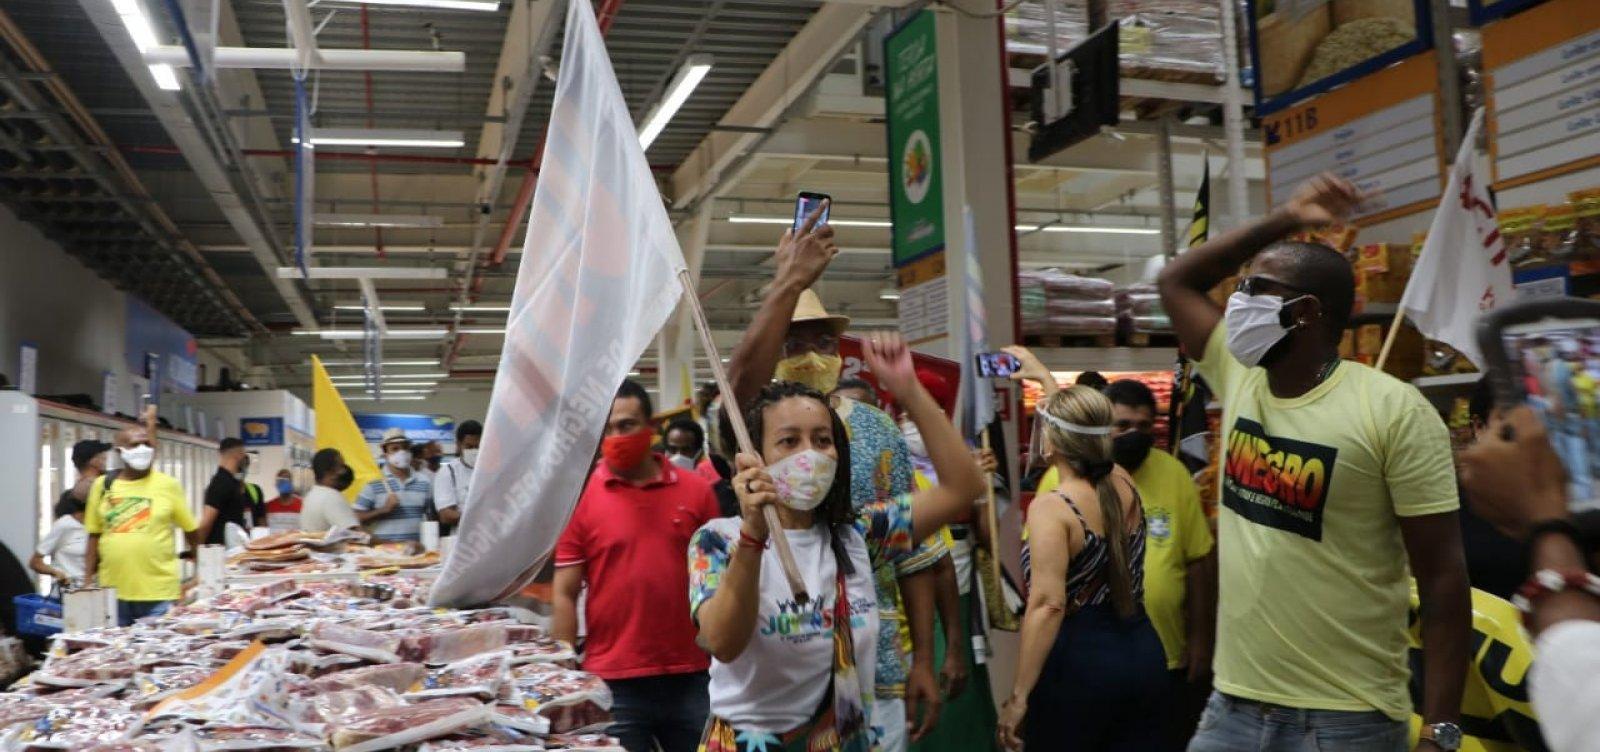 Em segundo protesto do dia, manifestantes fecham via contra supermercado Atakarejo